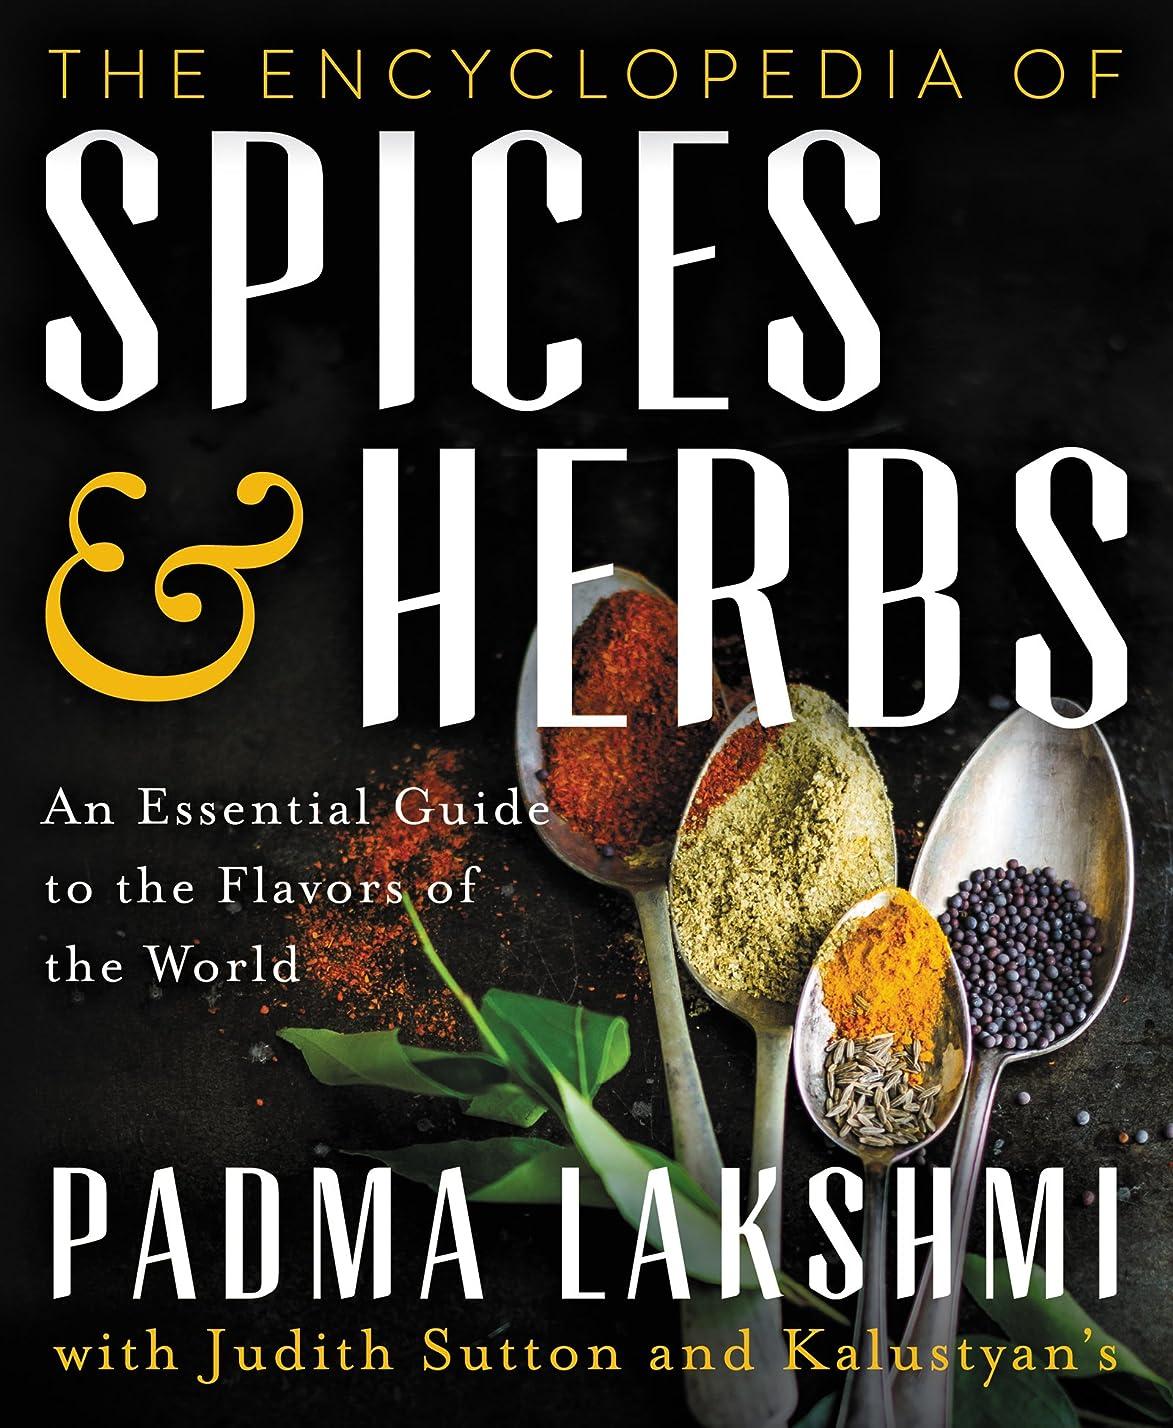 ラベンダーミリメートル消費するThe Encyclopedia of Spices and Herbs: An Essential Guide to the Flavors of the World (English Edition)